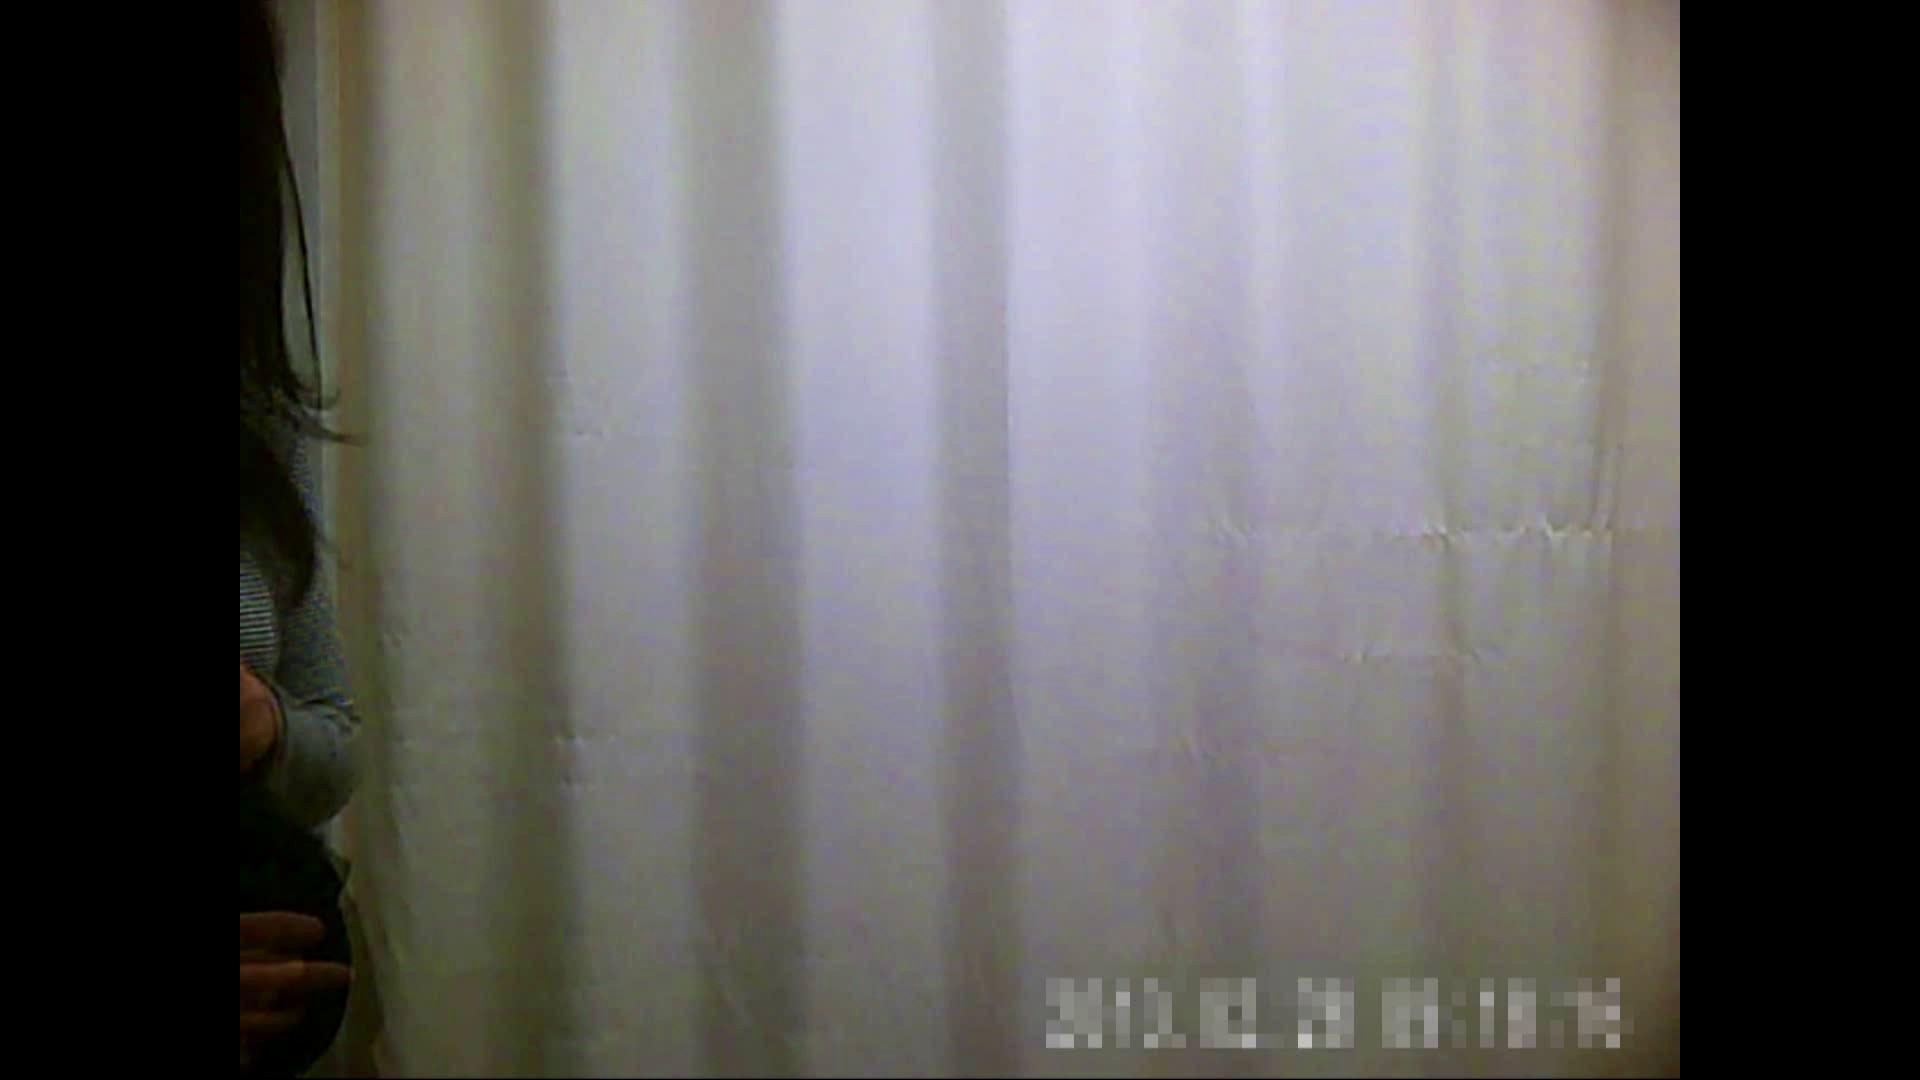 病院おもいっきり着替え! vol.192 巨乳 おまんこ無修正動画無料 93pic 89